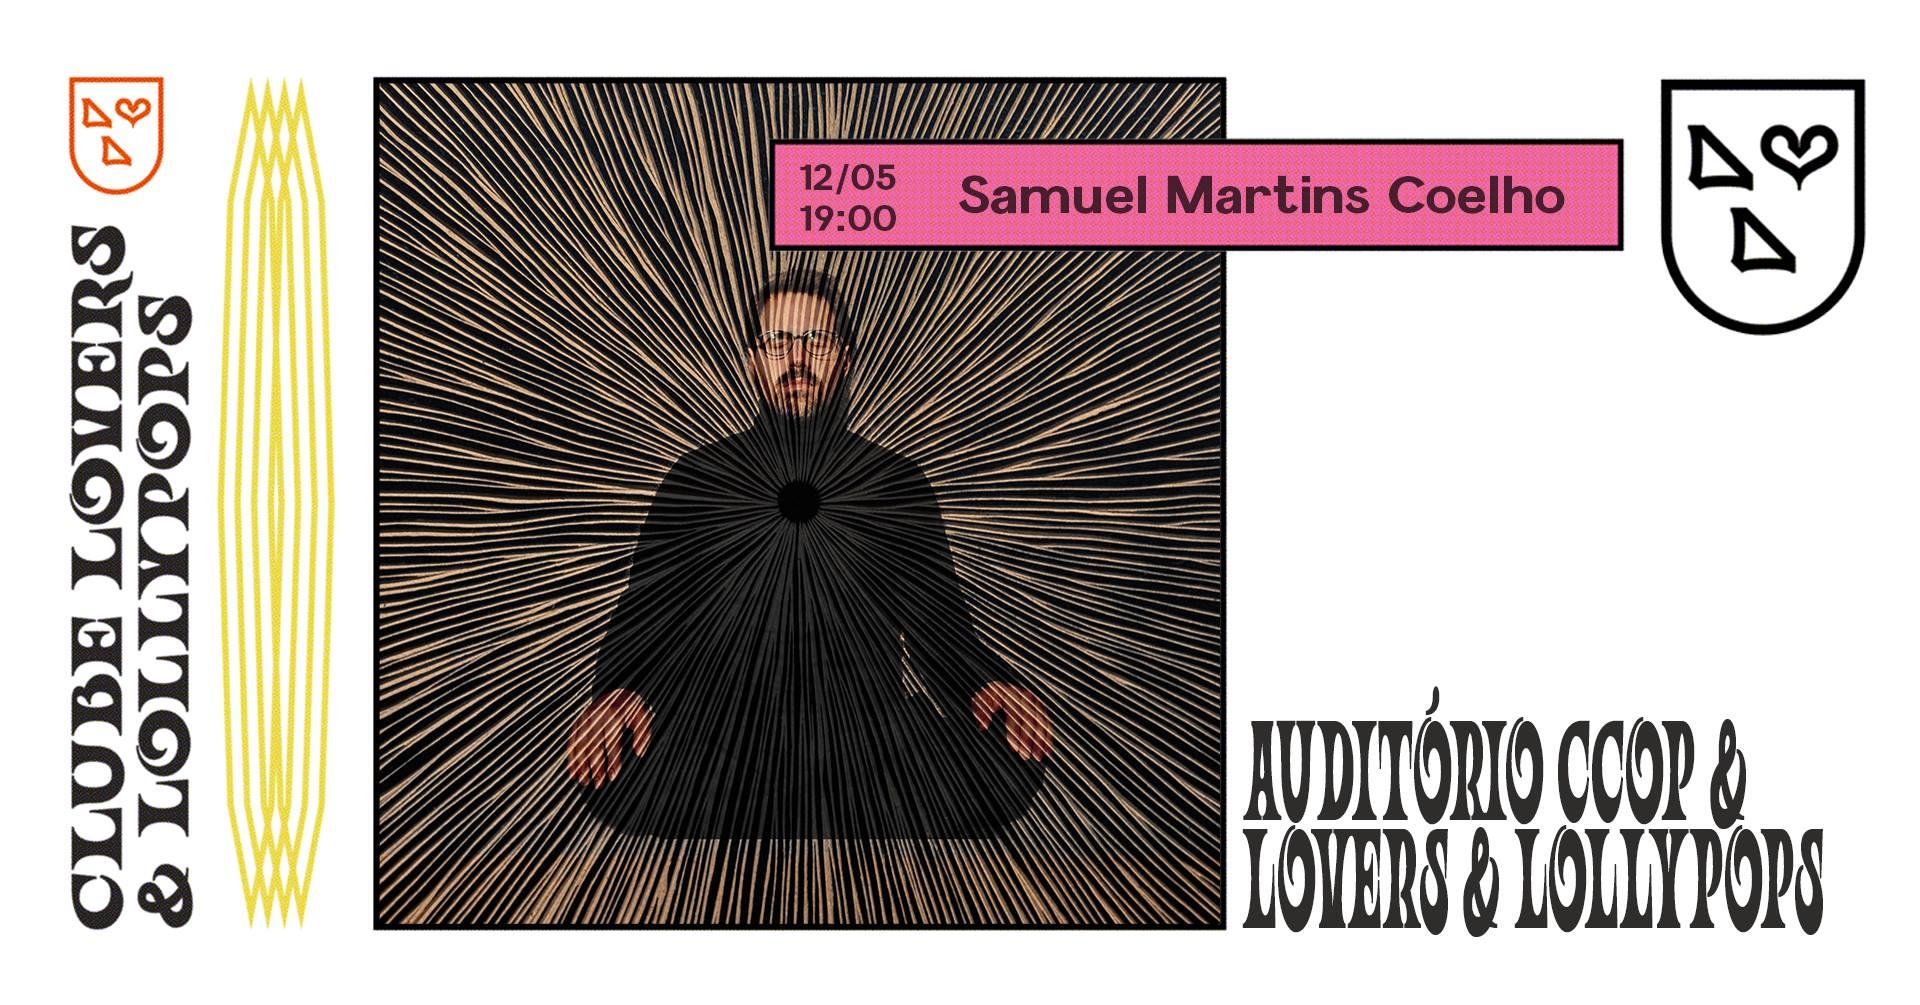 Samuel Martins Coelho no Auditório CCOP